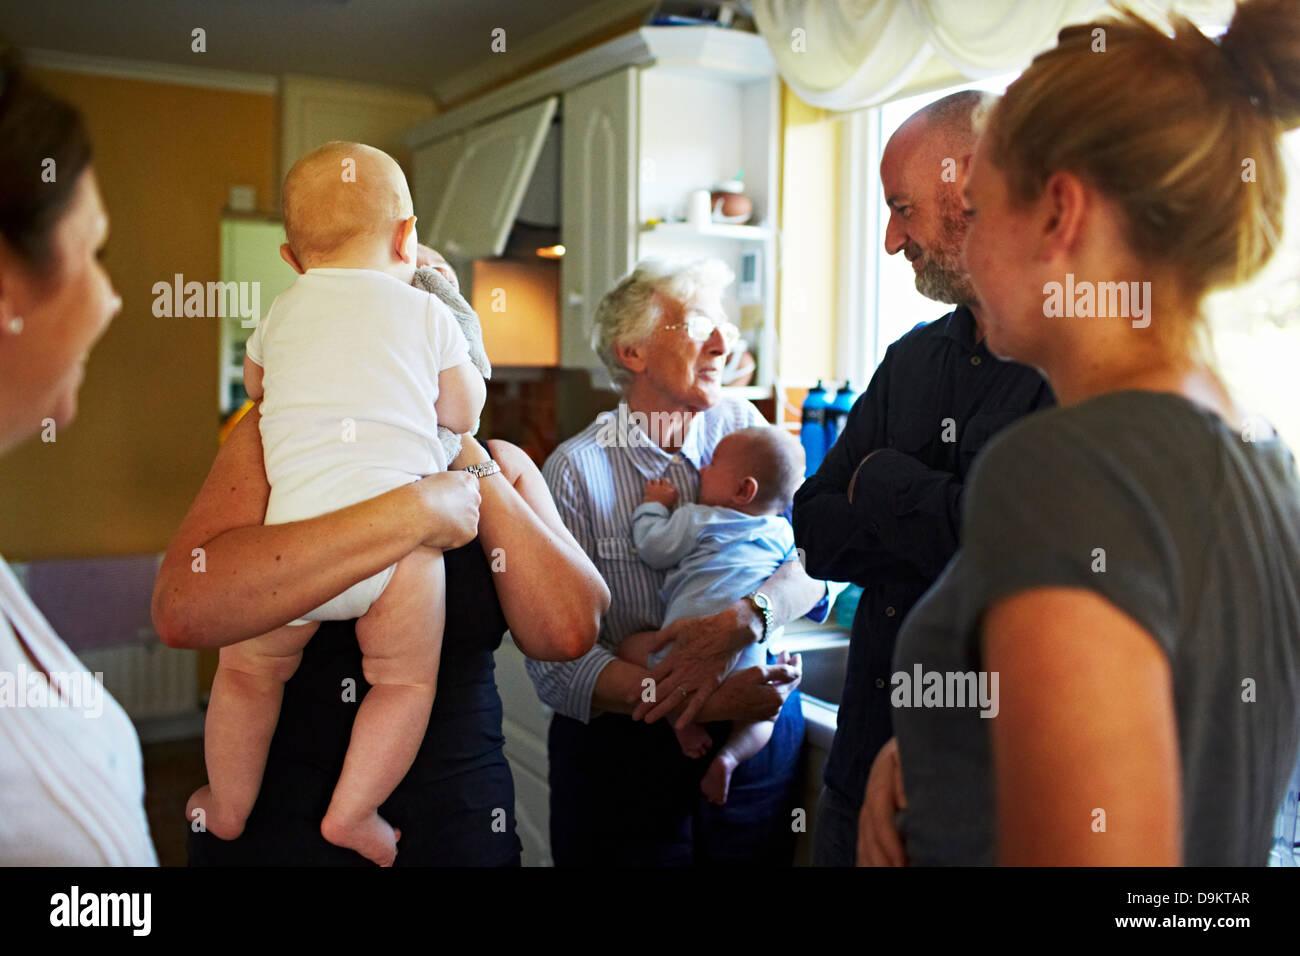 La familia reunida en la cocina de casa Imagen De Stock